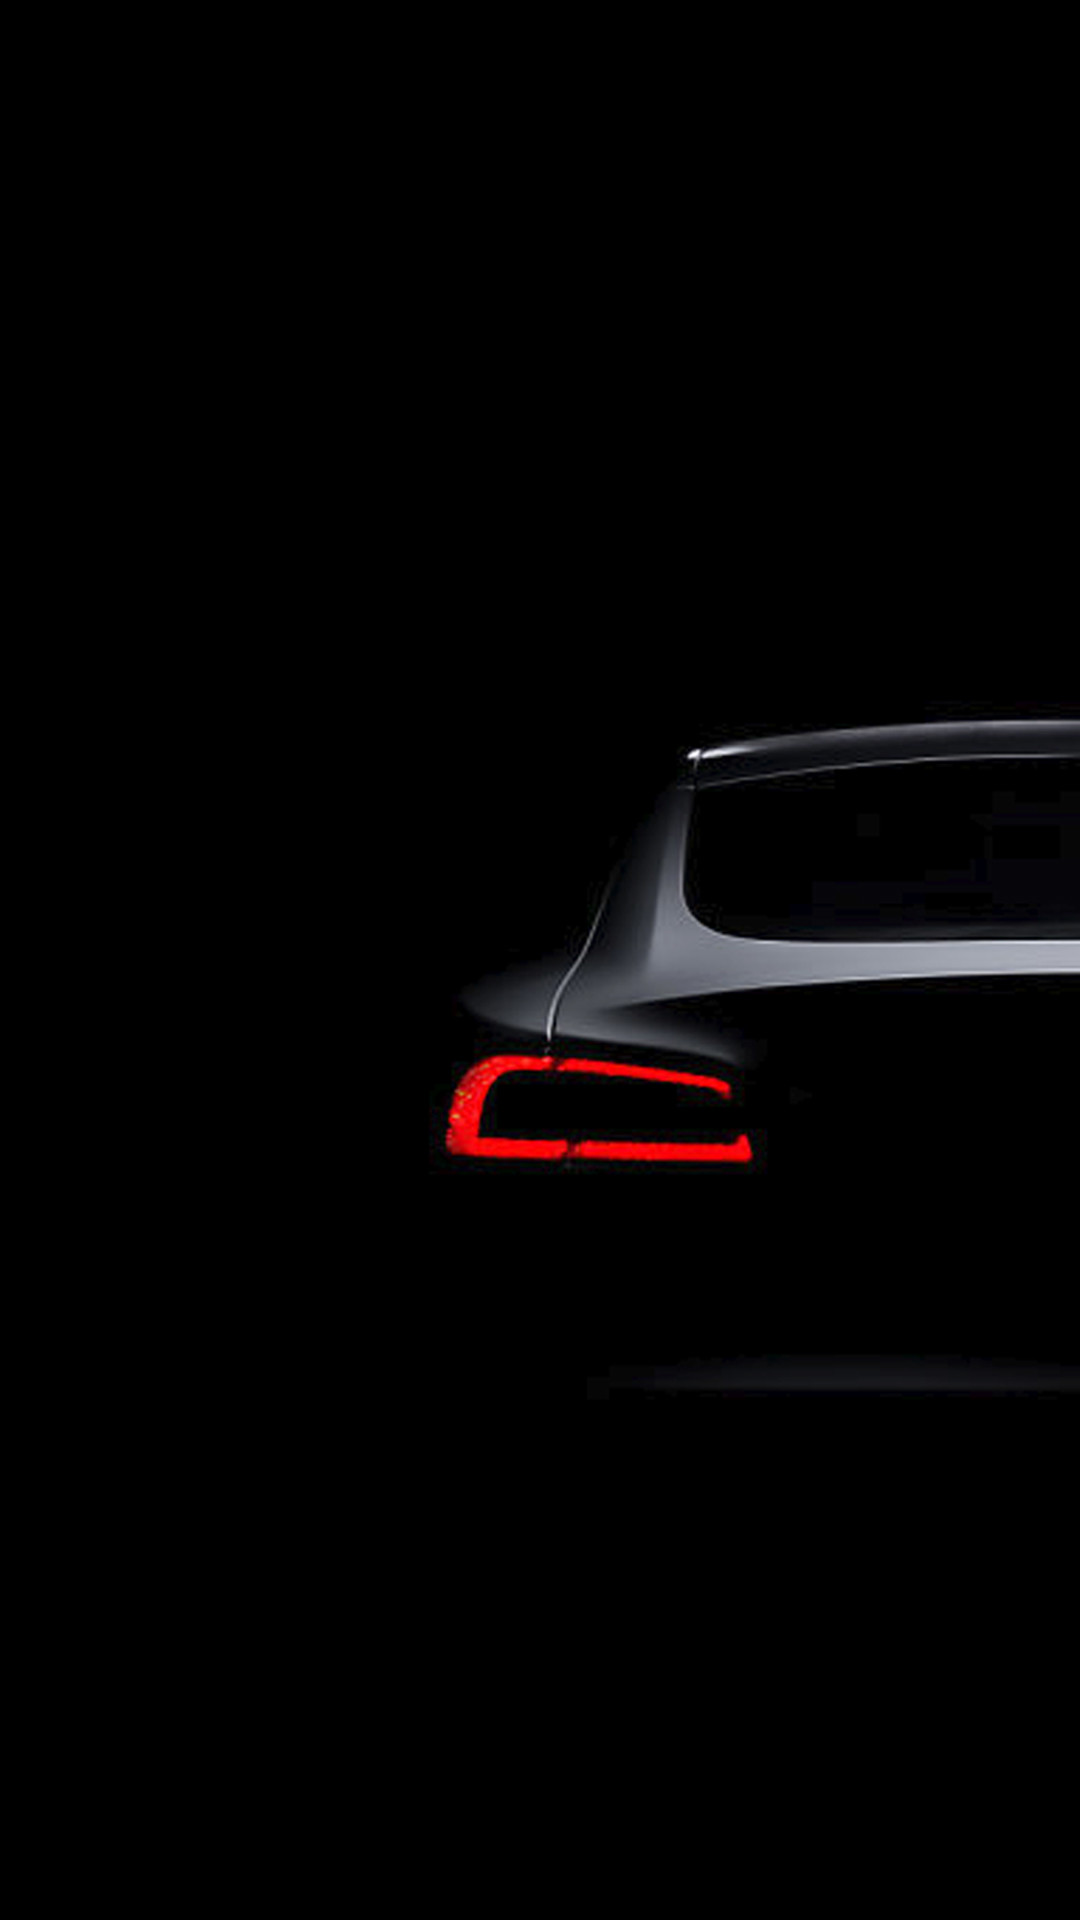 Best 25+ Tesla msrp ideas on Pinterest | Tesla car models, Tesla car price  and Tesla model x